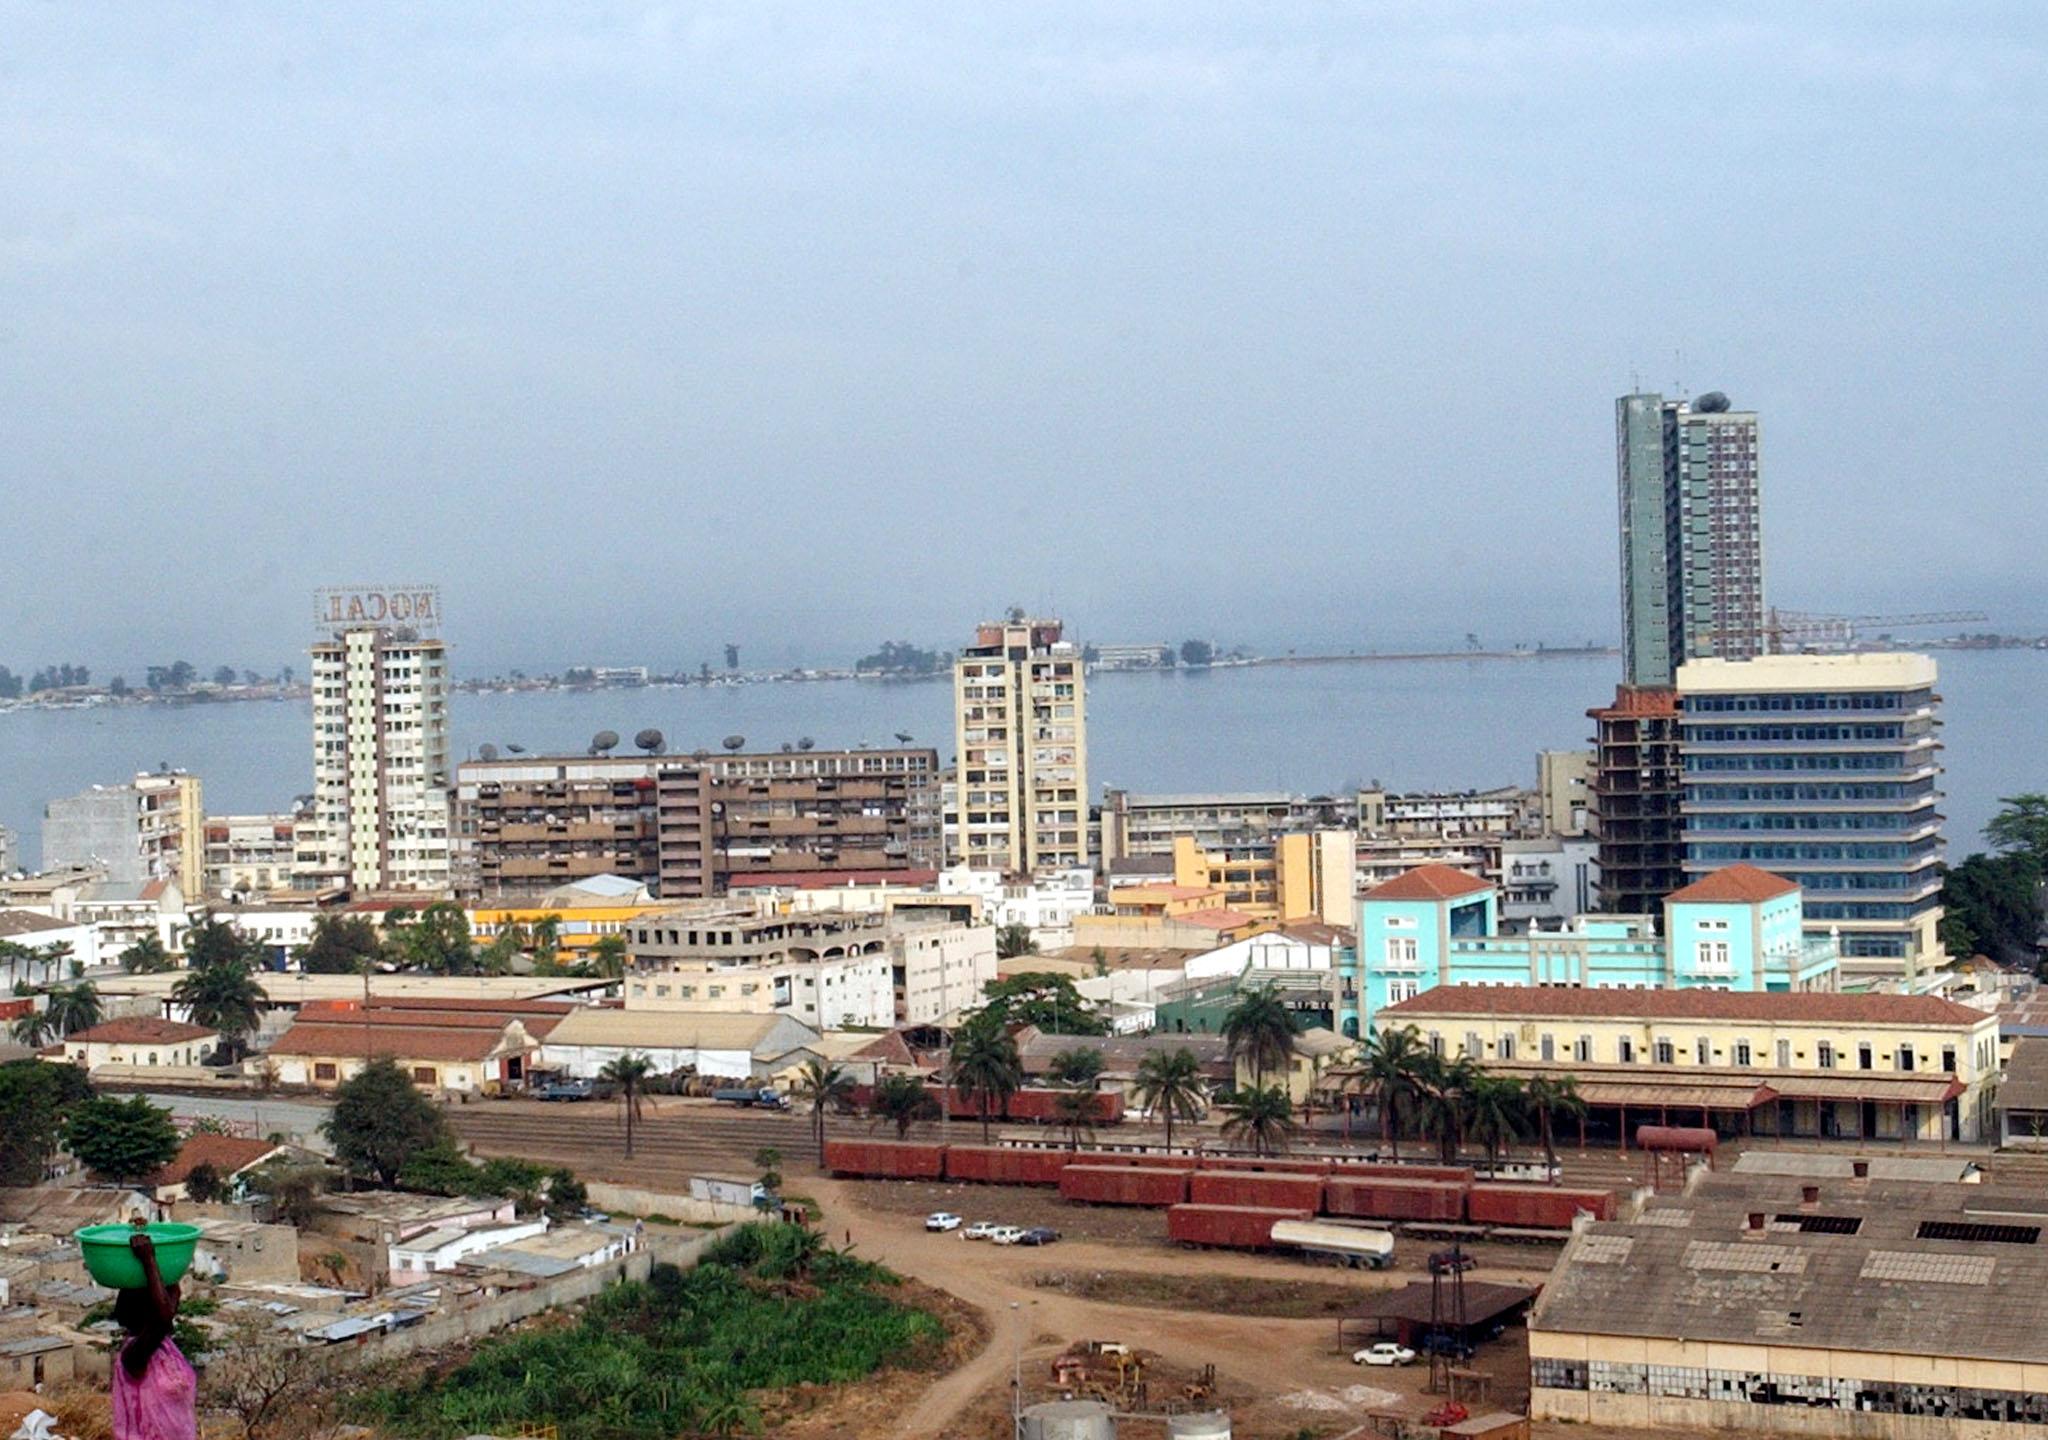 PGR angolana confirma cartas rogatórias para Portugal a pedir arresto de bens no caso TAP/Sonair